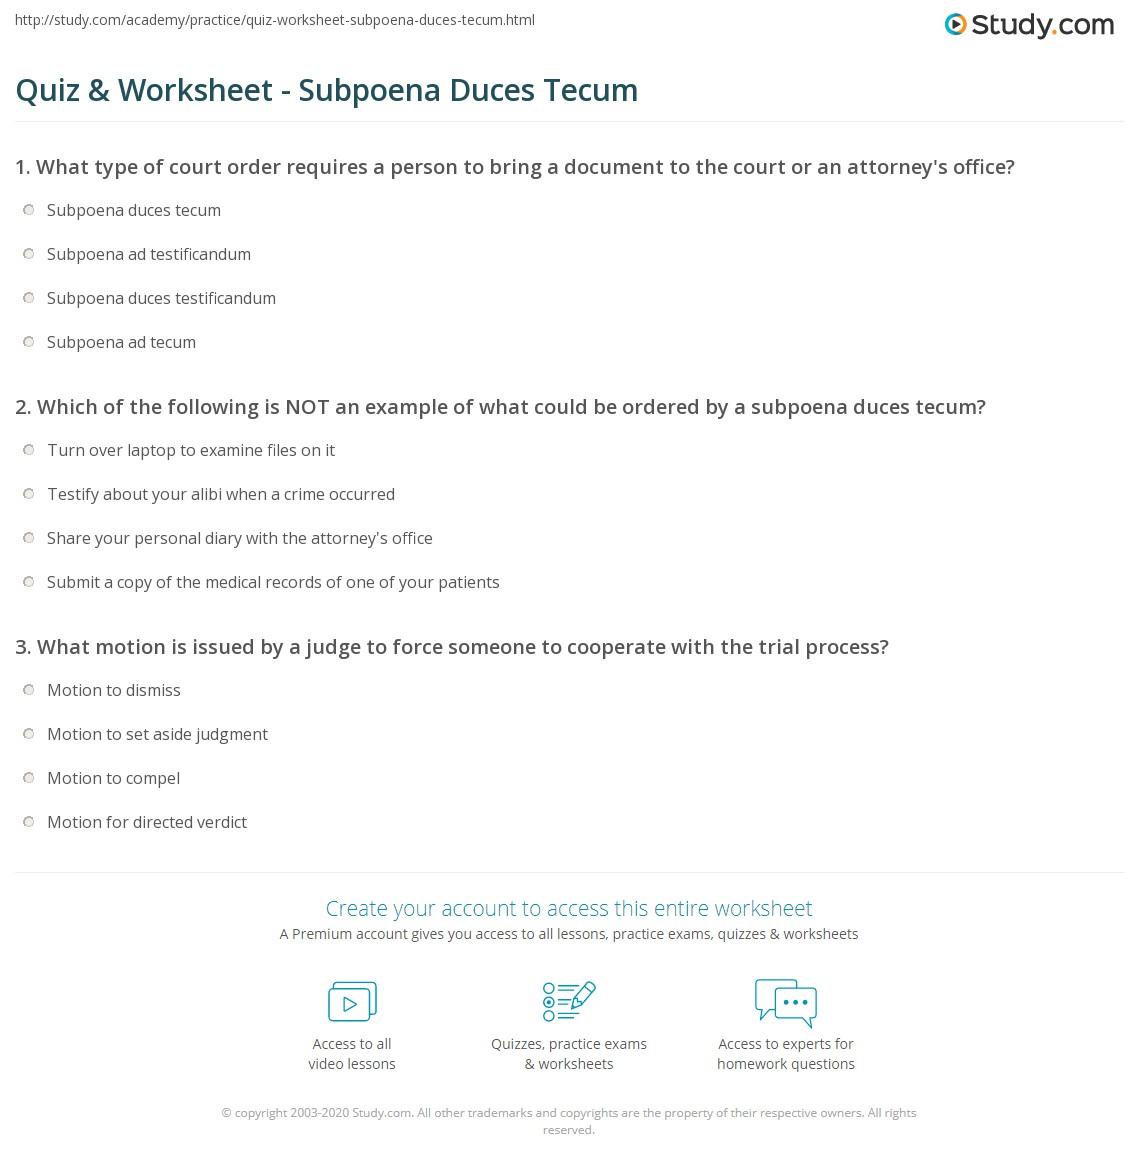 Quiz & Worksheet - Subpoena Duces Tecum | Study.com